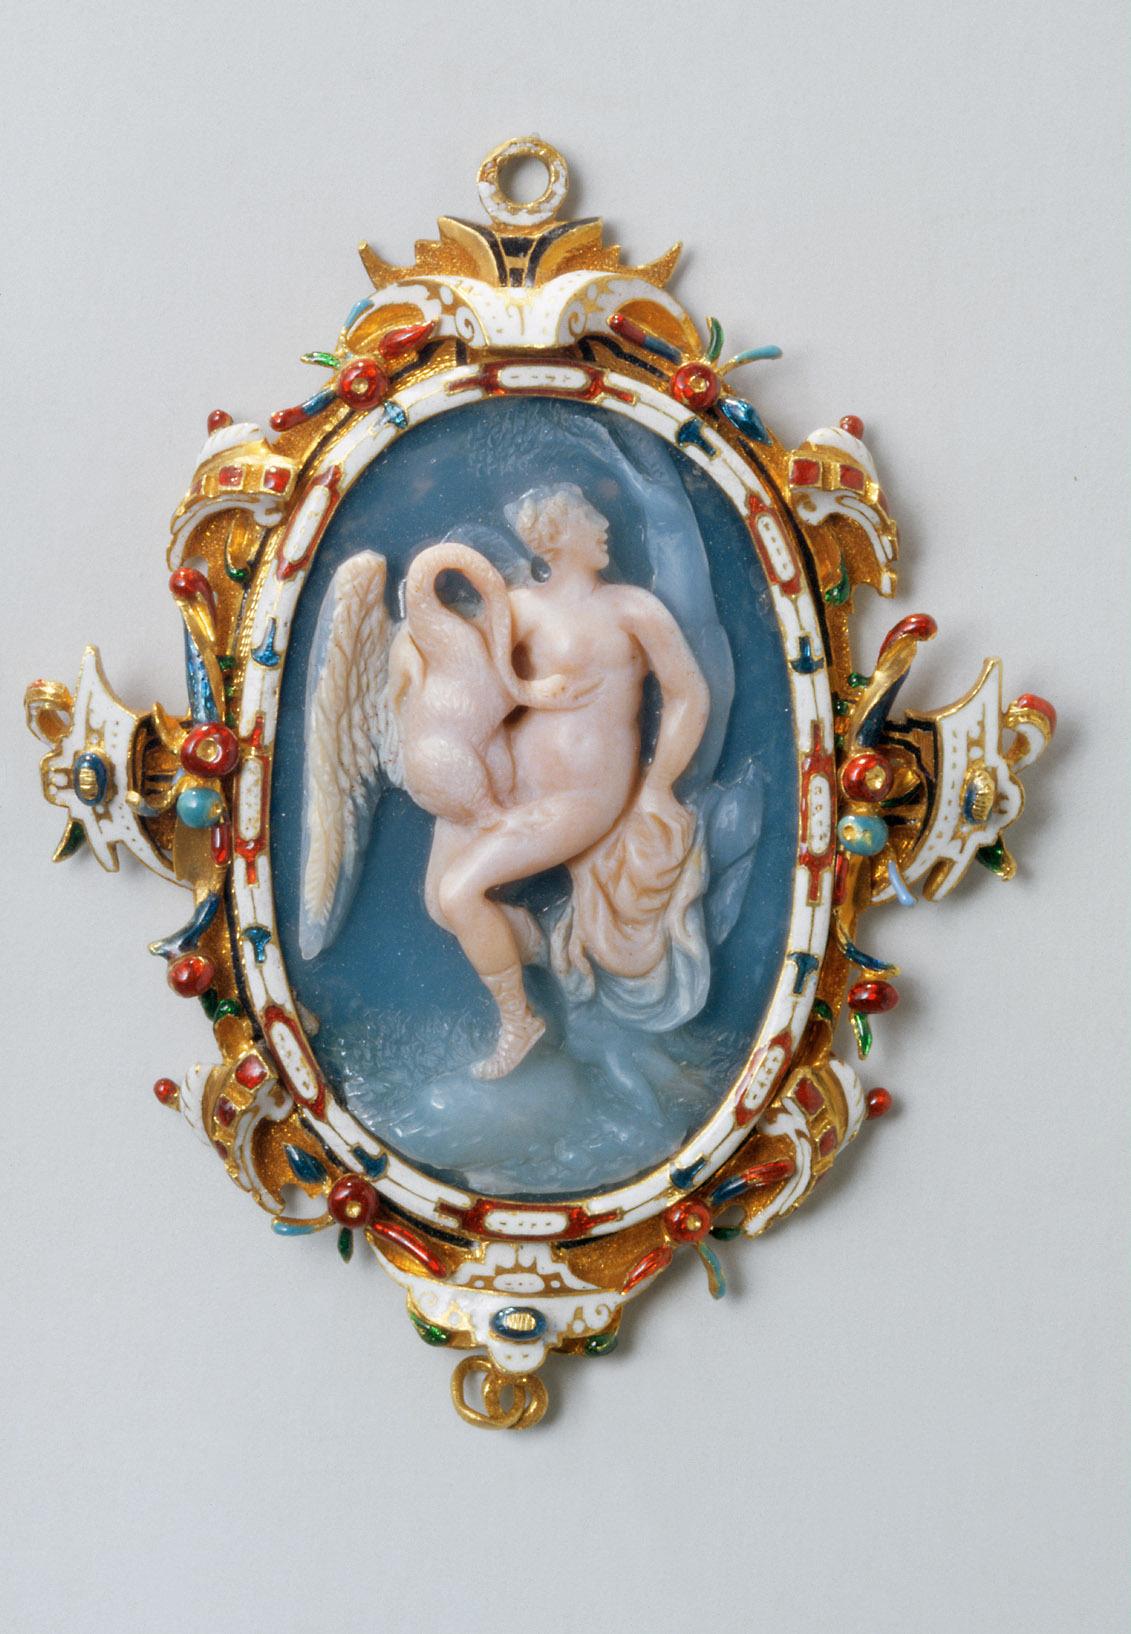 Leda mit dem Schwan von Alessandro Masnago